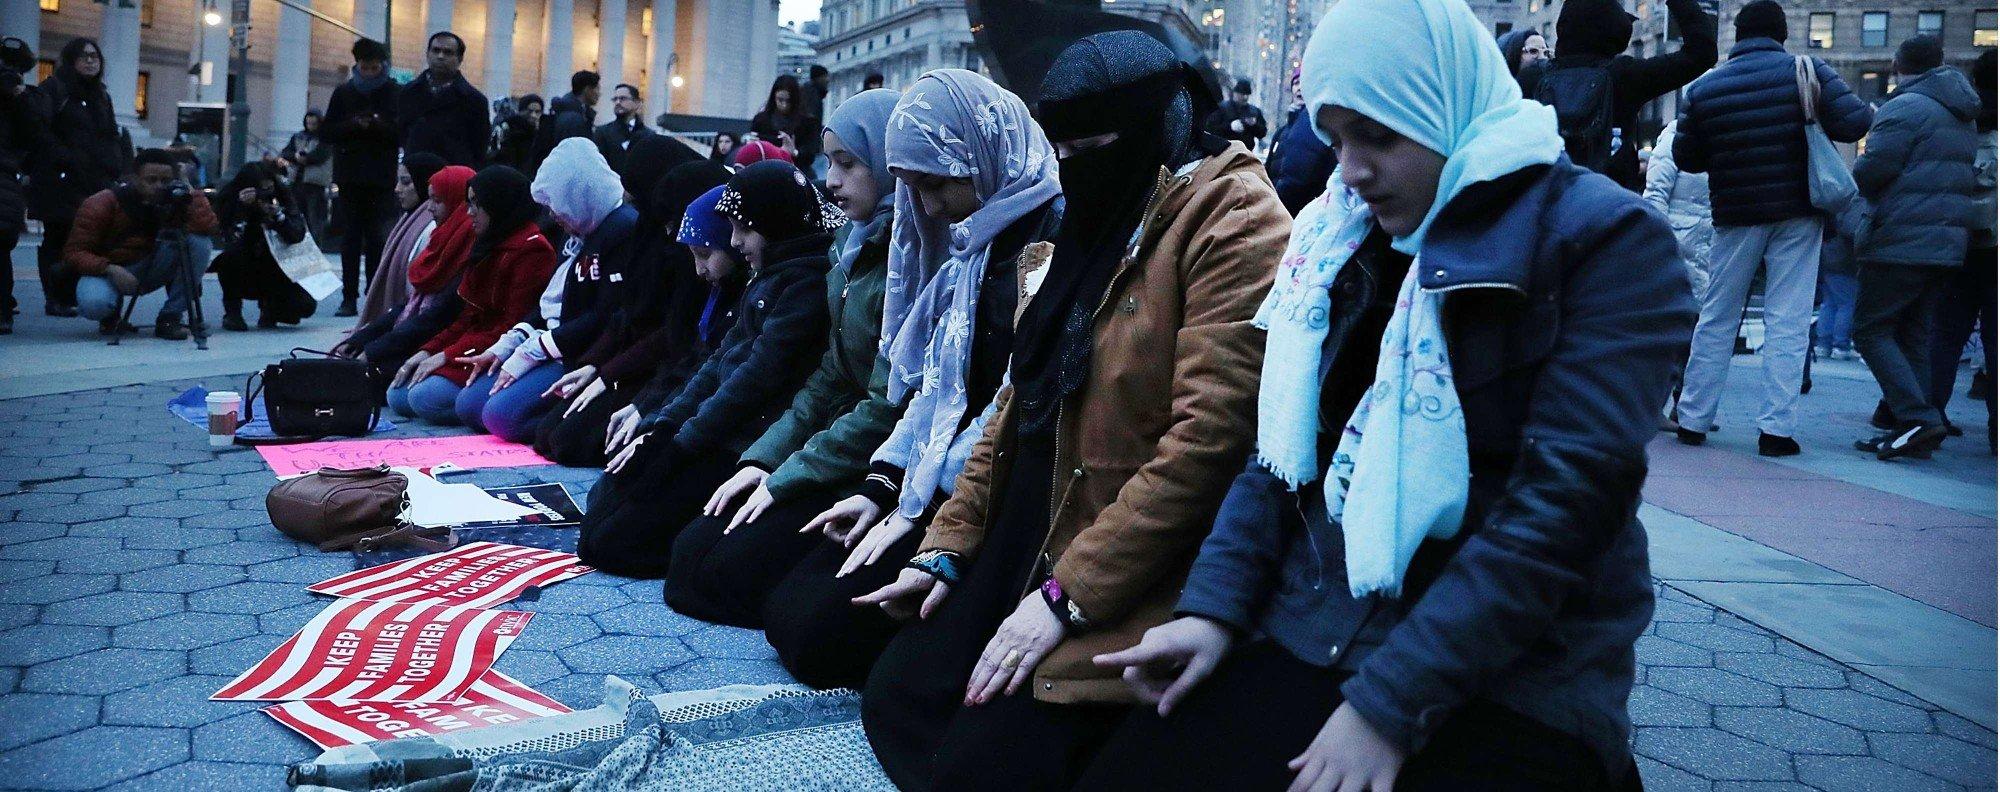 Muslim women pray in Manhattan. Photo: AFP